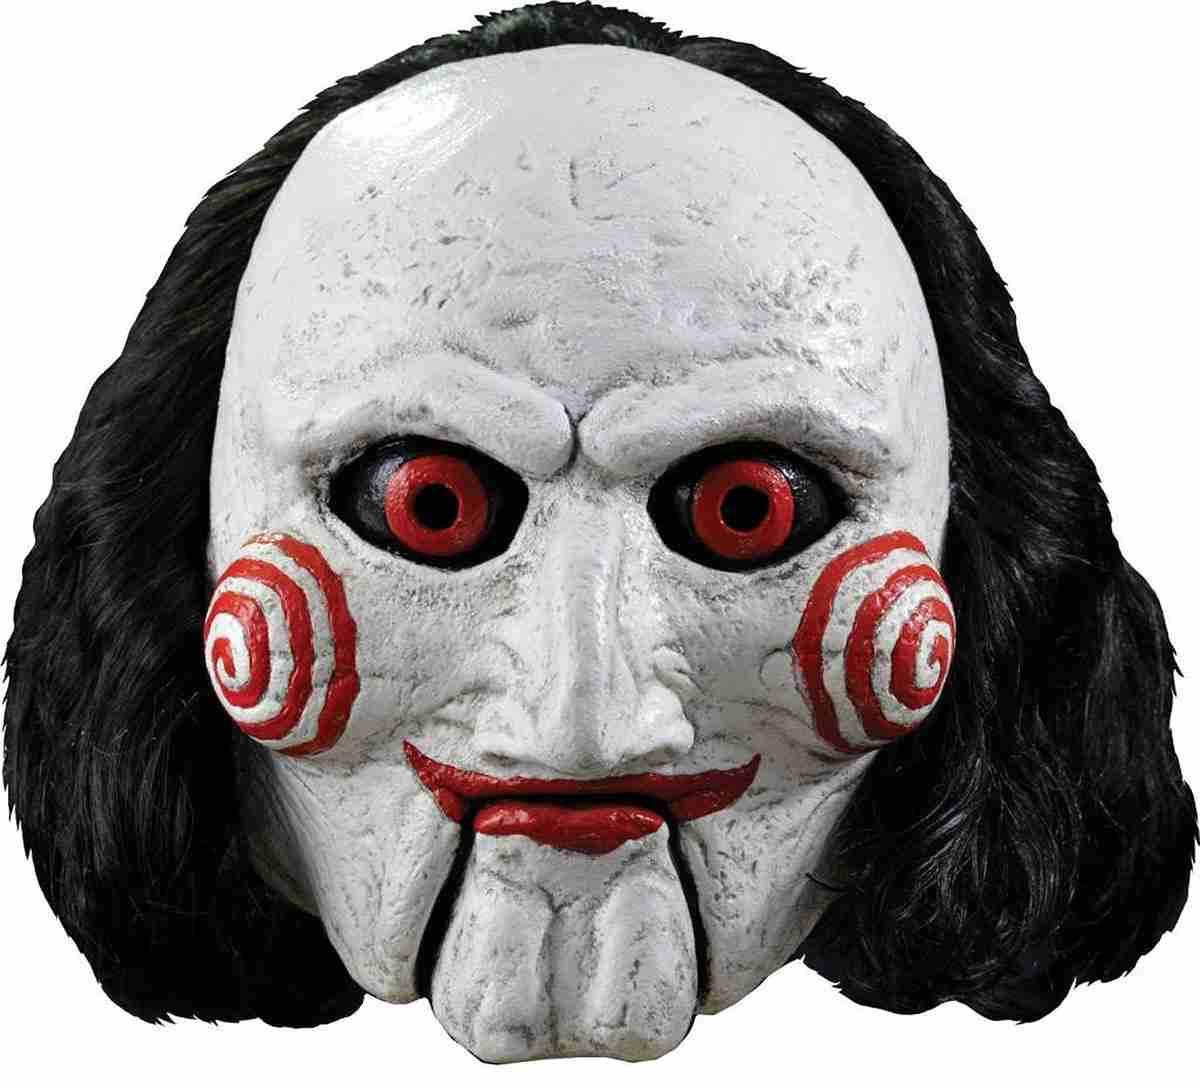 「チューバッカ」のマスクをかぶって出産に臨んだ米女性 動画が大人気に